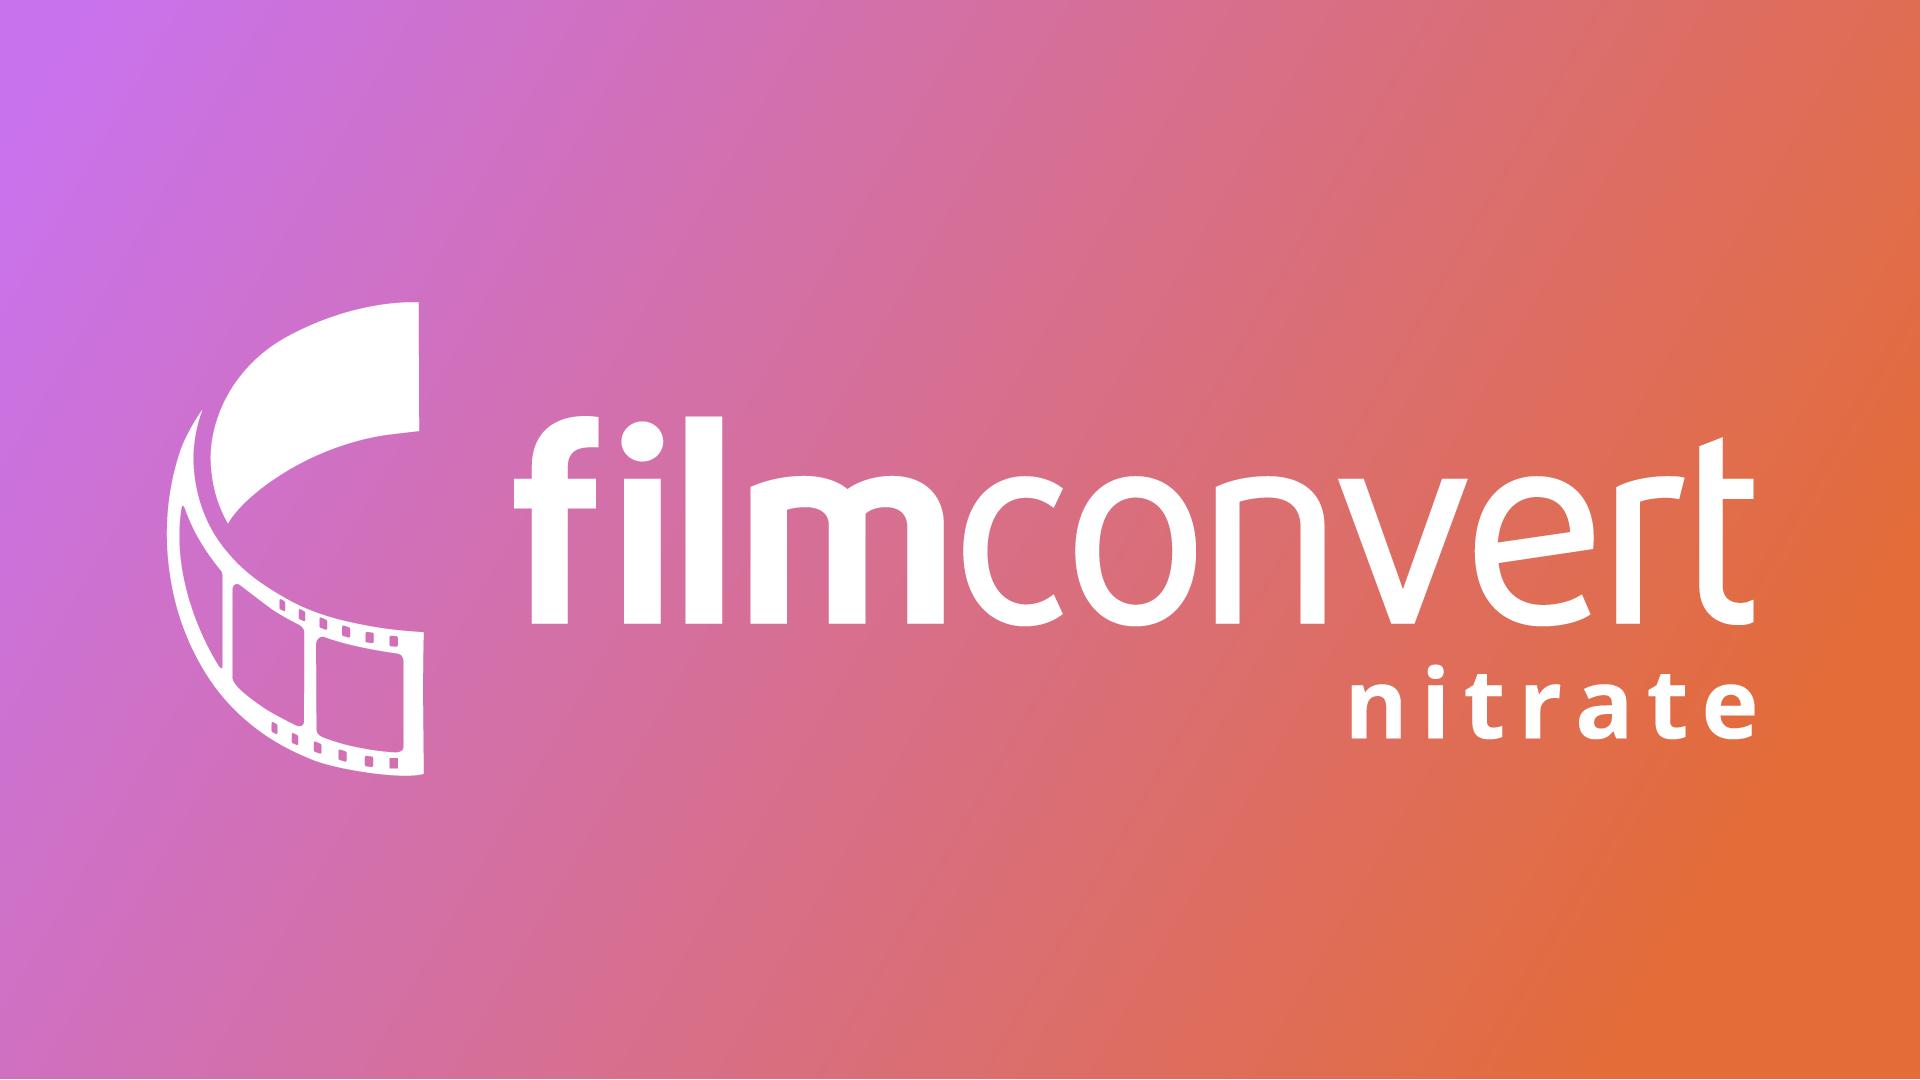 FilmConvertがNitrateを発売